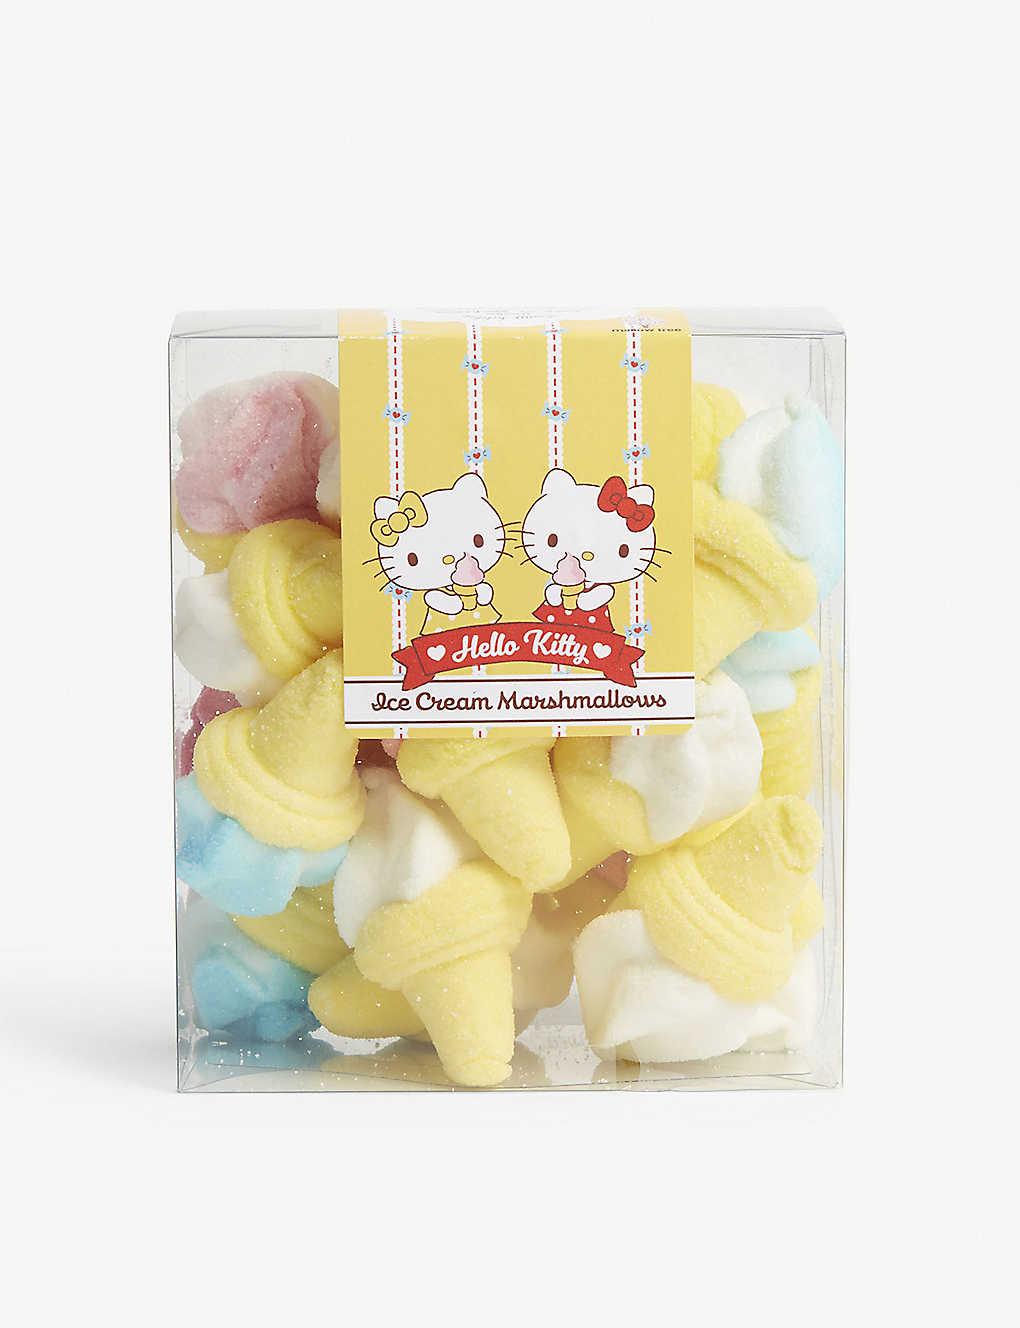 HELLO KITTY Ice cream marshmallows at Selfridges